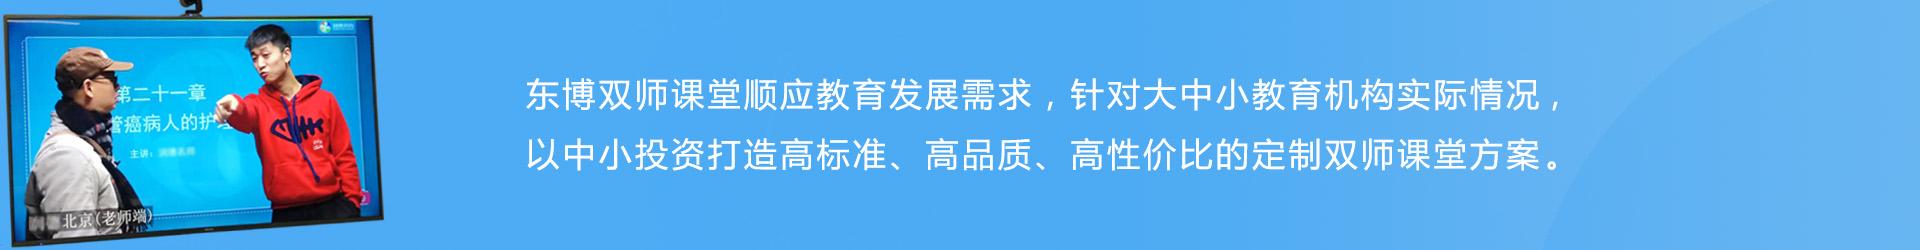 双师课堂方案.jpg